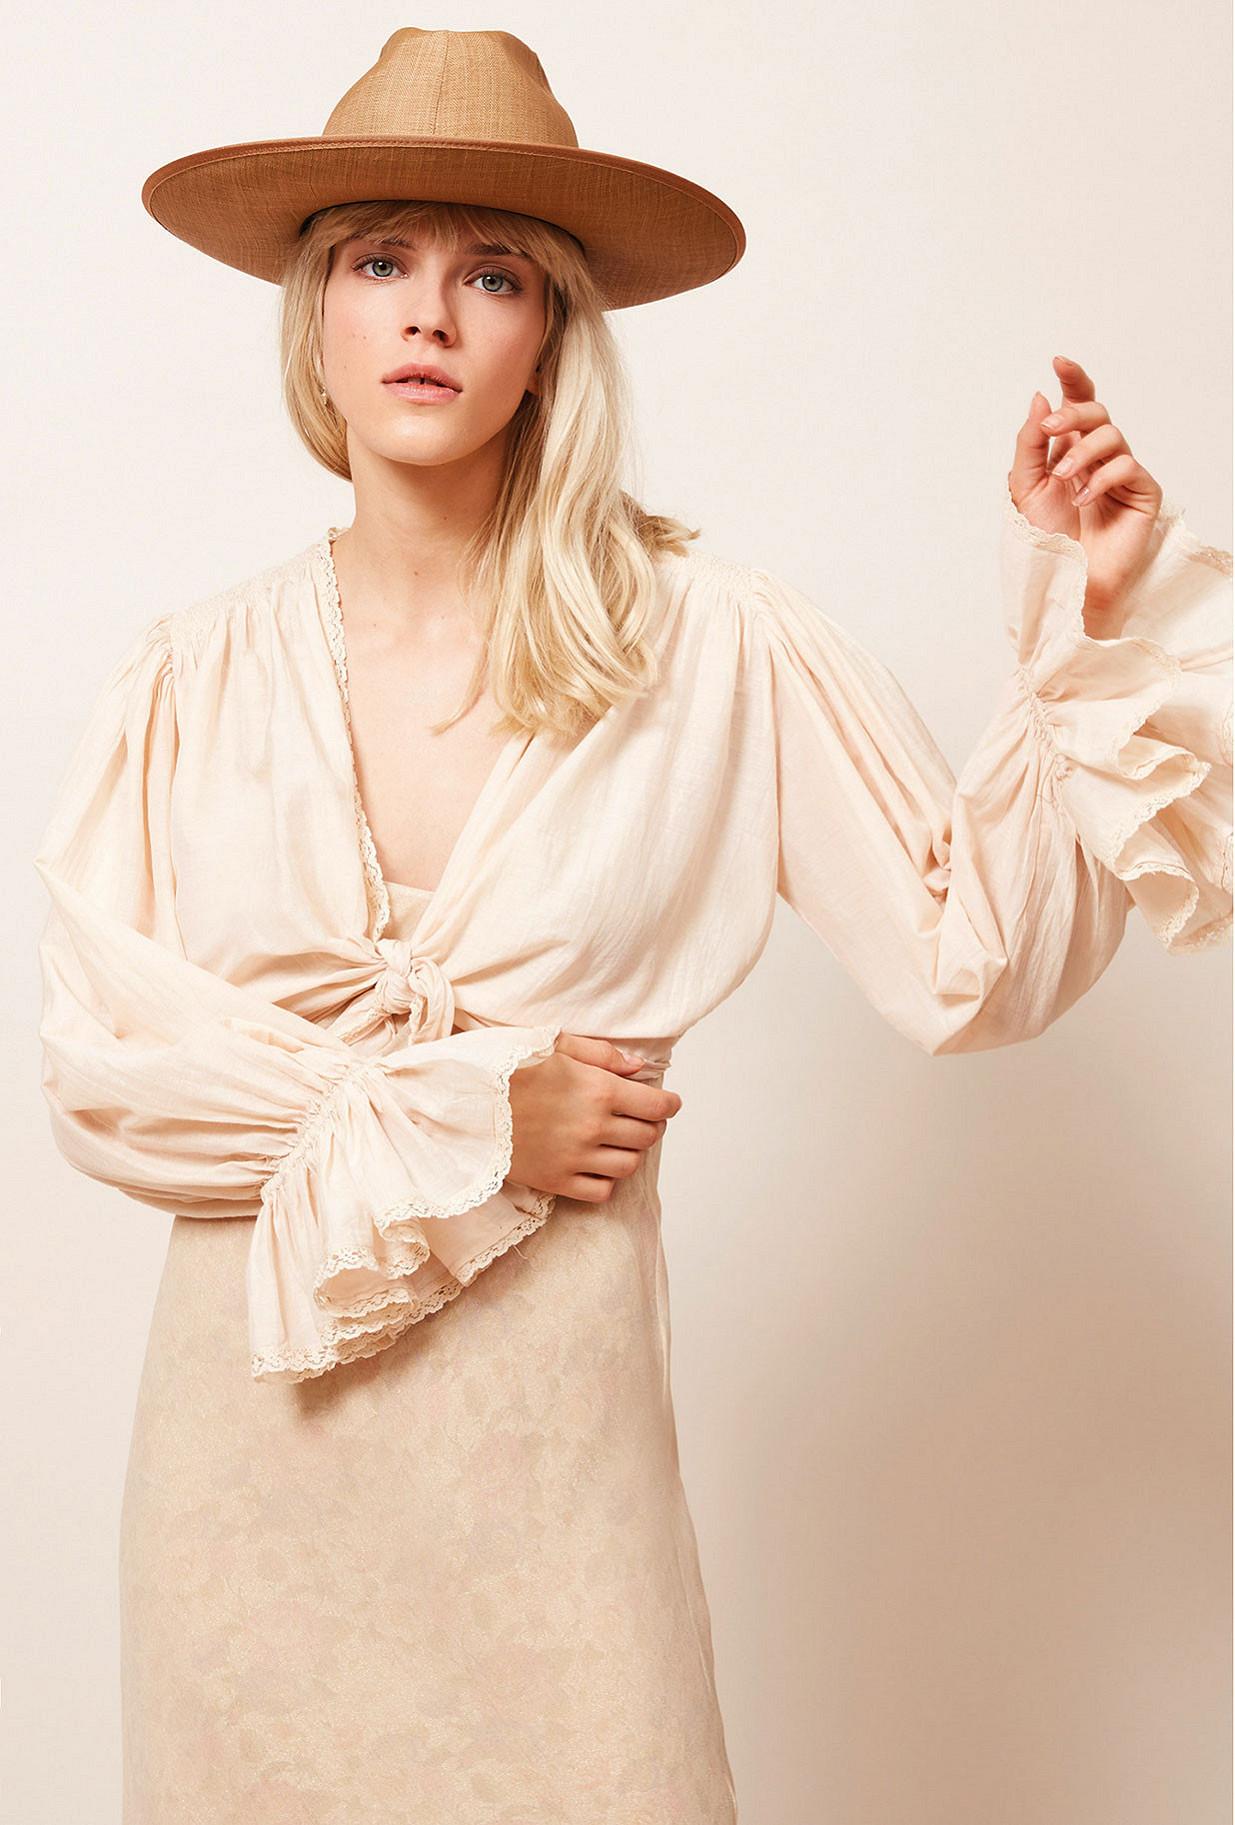 Paris clothes store Kimono  Gaynor french designer fashion Paris